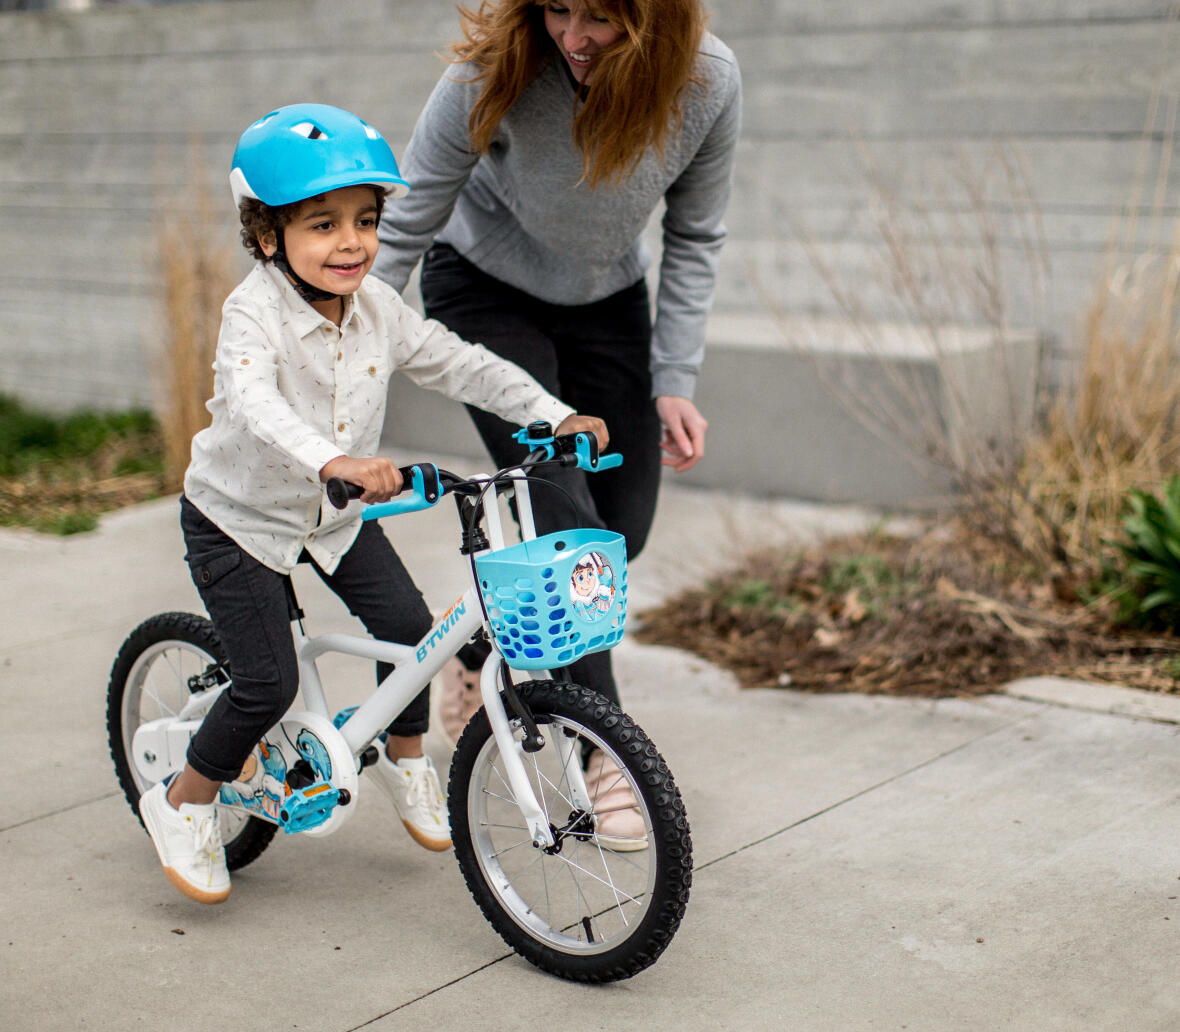 Jeu pour enfant pour apprendre à faire du vélo trajectoire - Conseils Sport DECATHLON